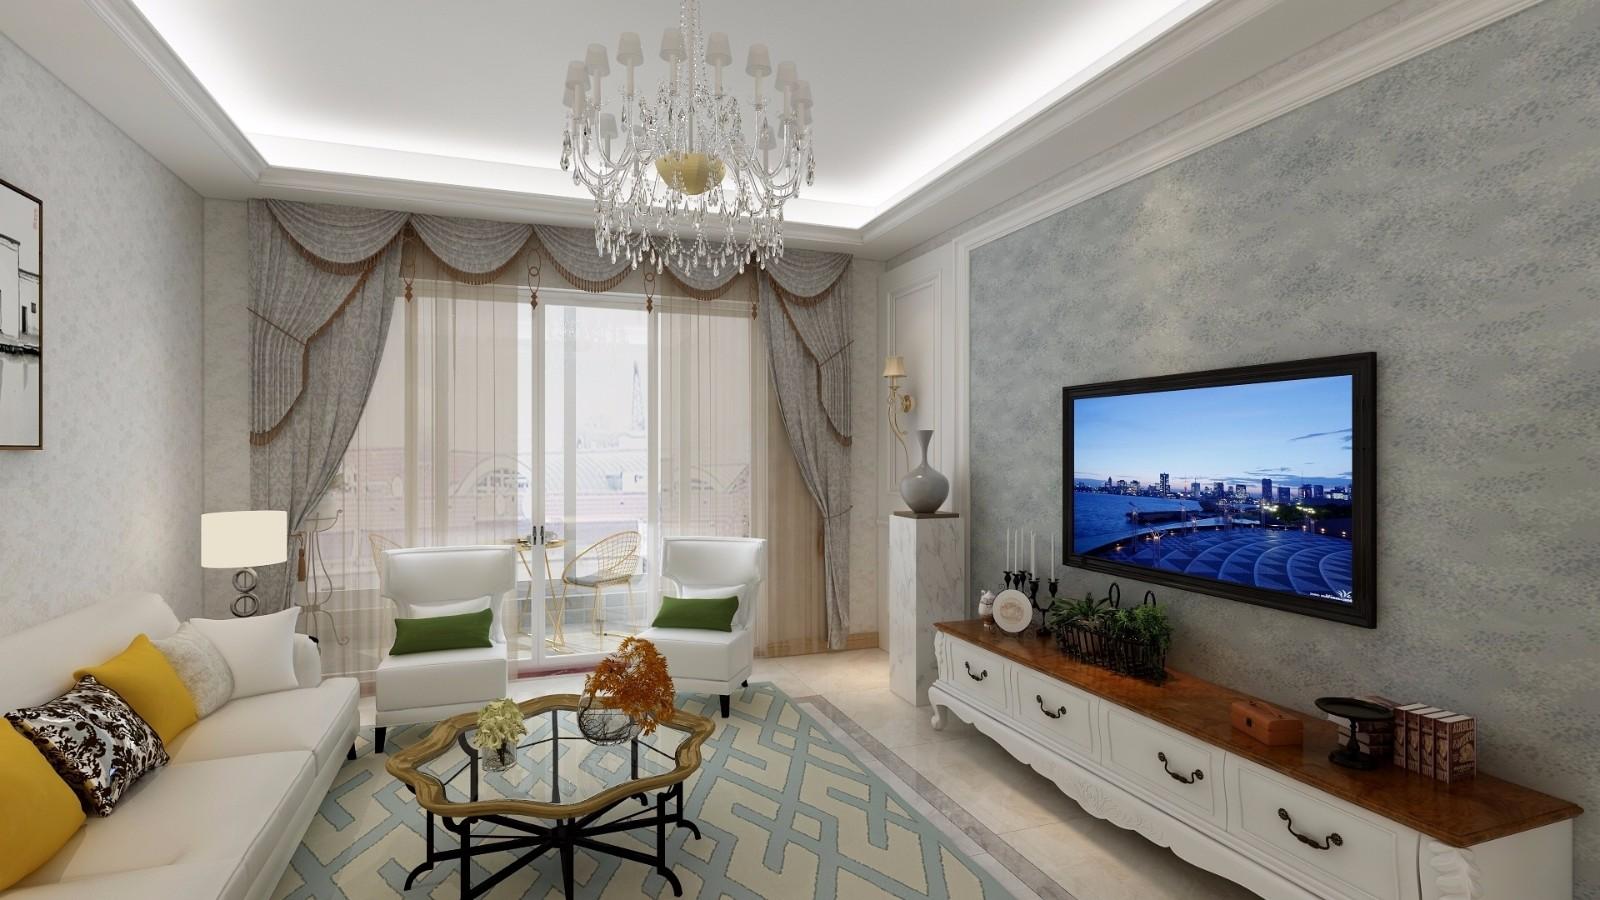 锦尚名苑112平方欧式轻奢2室2厅装修效果图